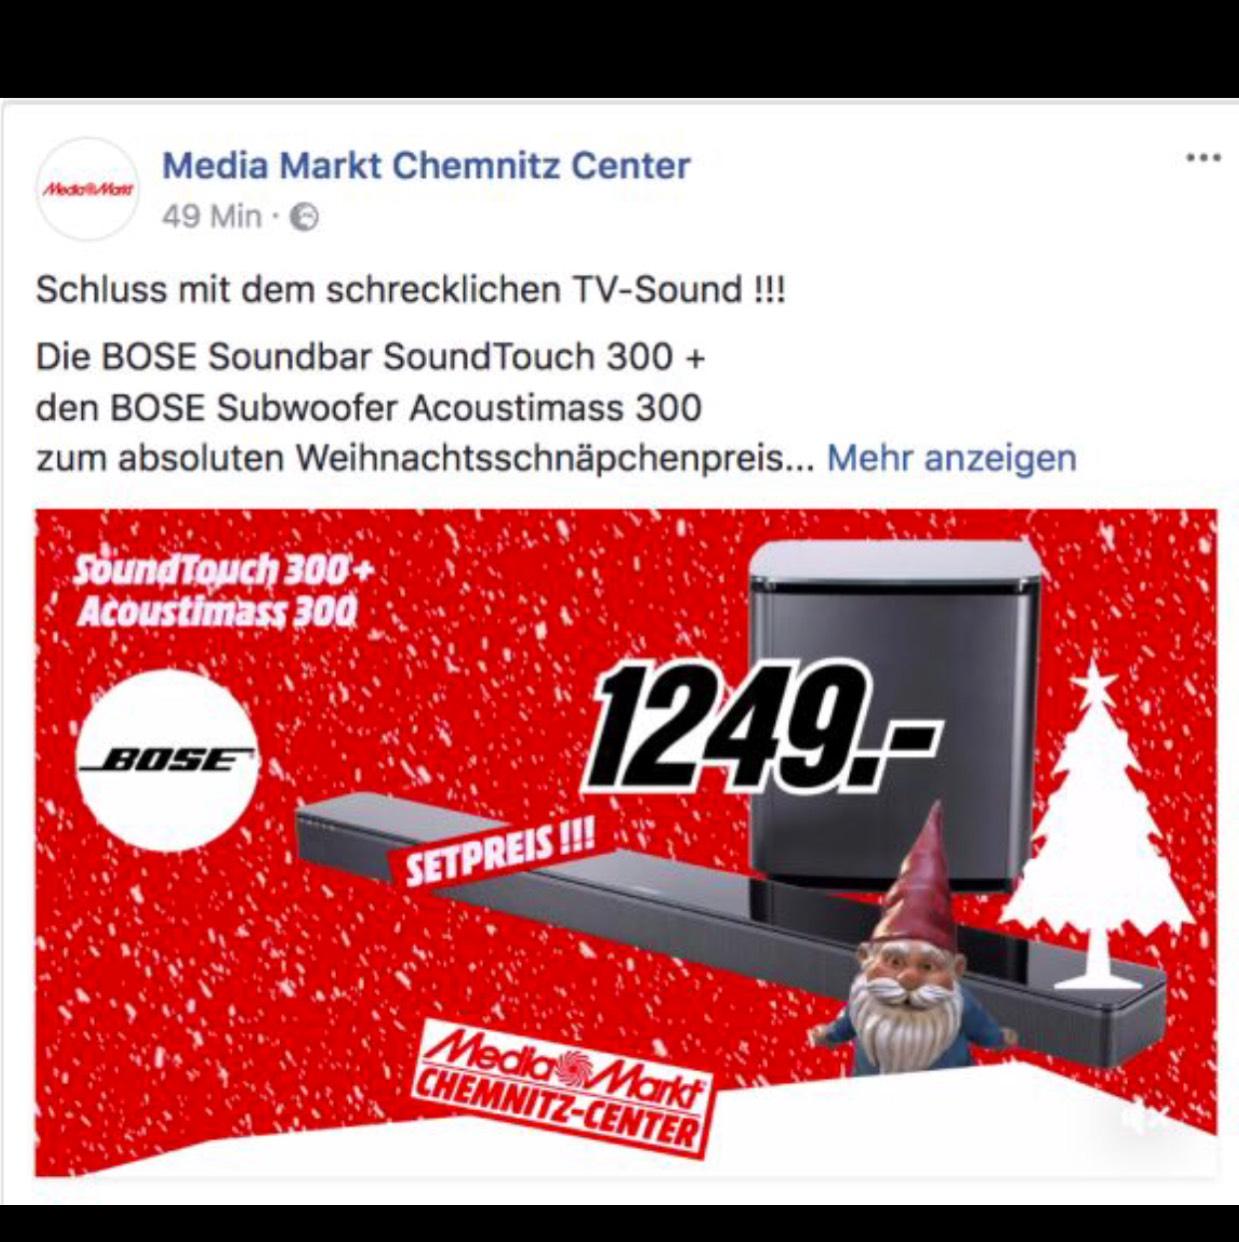 Bose 300 Soundbar inkl. Subwoofer im Paket für 1249 Euro MM Chemnitz Röhrsdorf